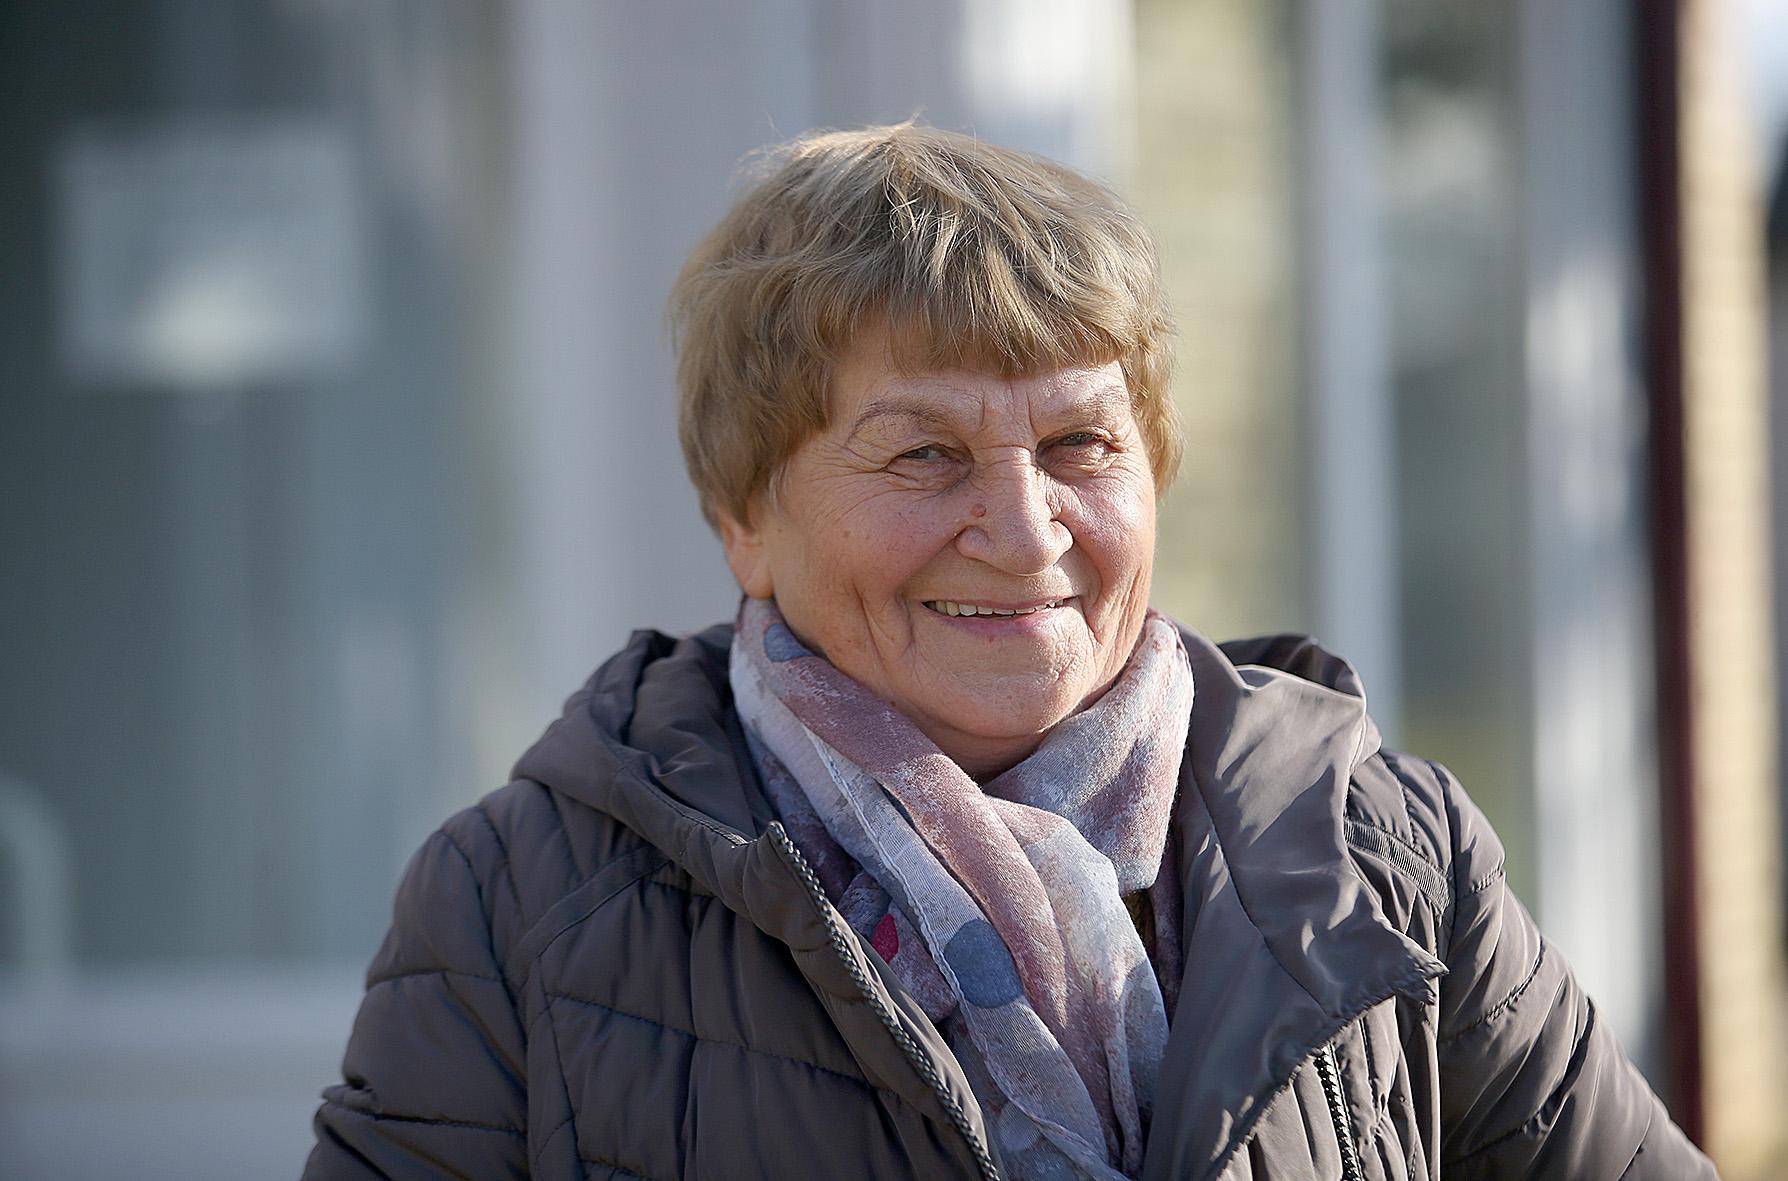 Ilgametė Miegėnų kaimo gyventoja, buvusi pirmoji Miegėnų bendruomenės centro pirmininkė Veronika Bajorūnienė mena ne tik tai, kaip ilgainiui keitėsi kaimas, ją supanti aplinka, bet ir kaimelyje gyvenantys žmonės. / A. Barzdžiaus nuotr.